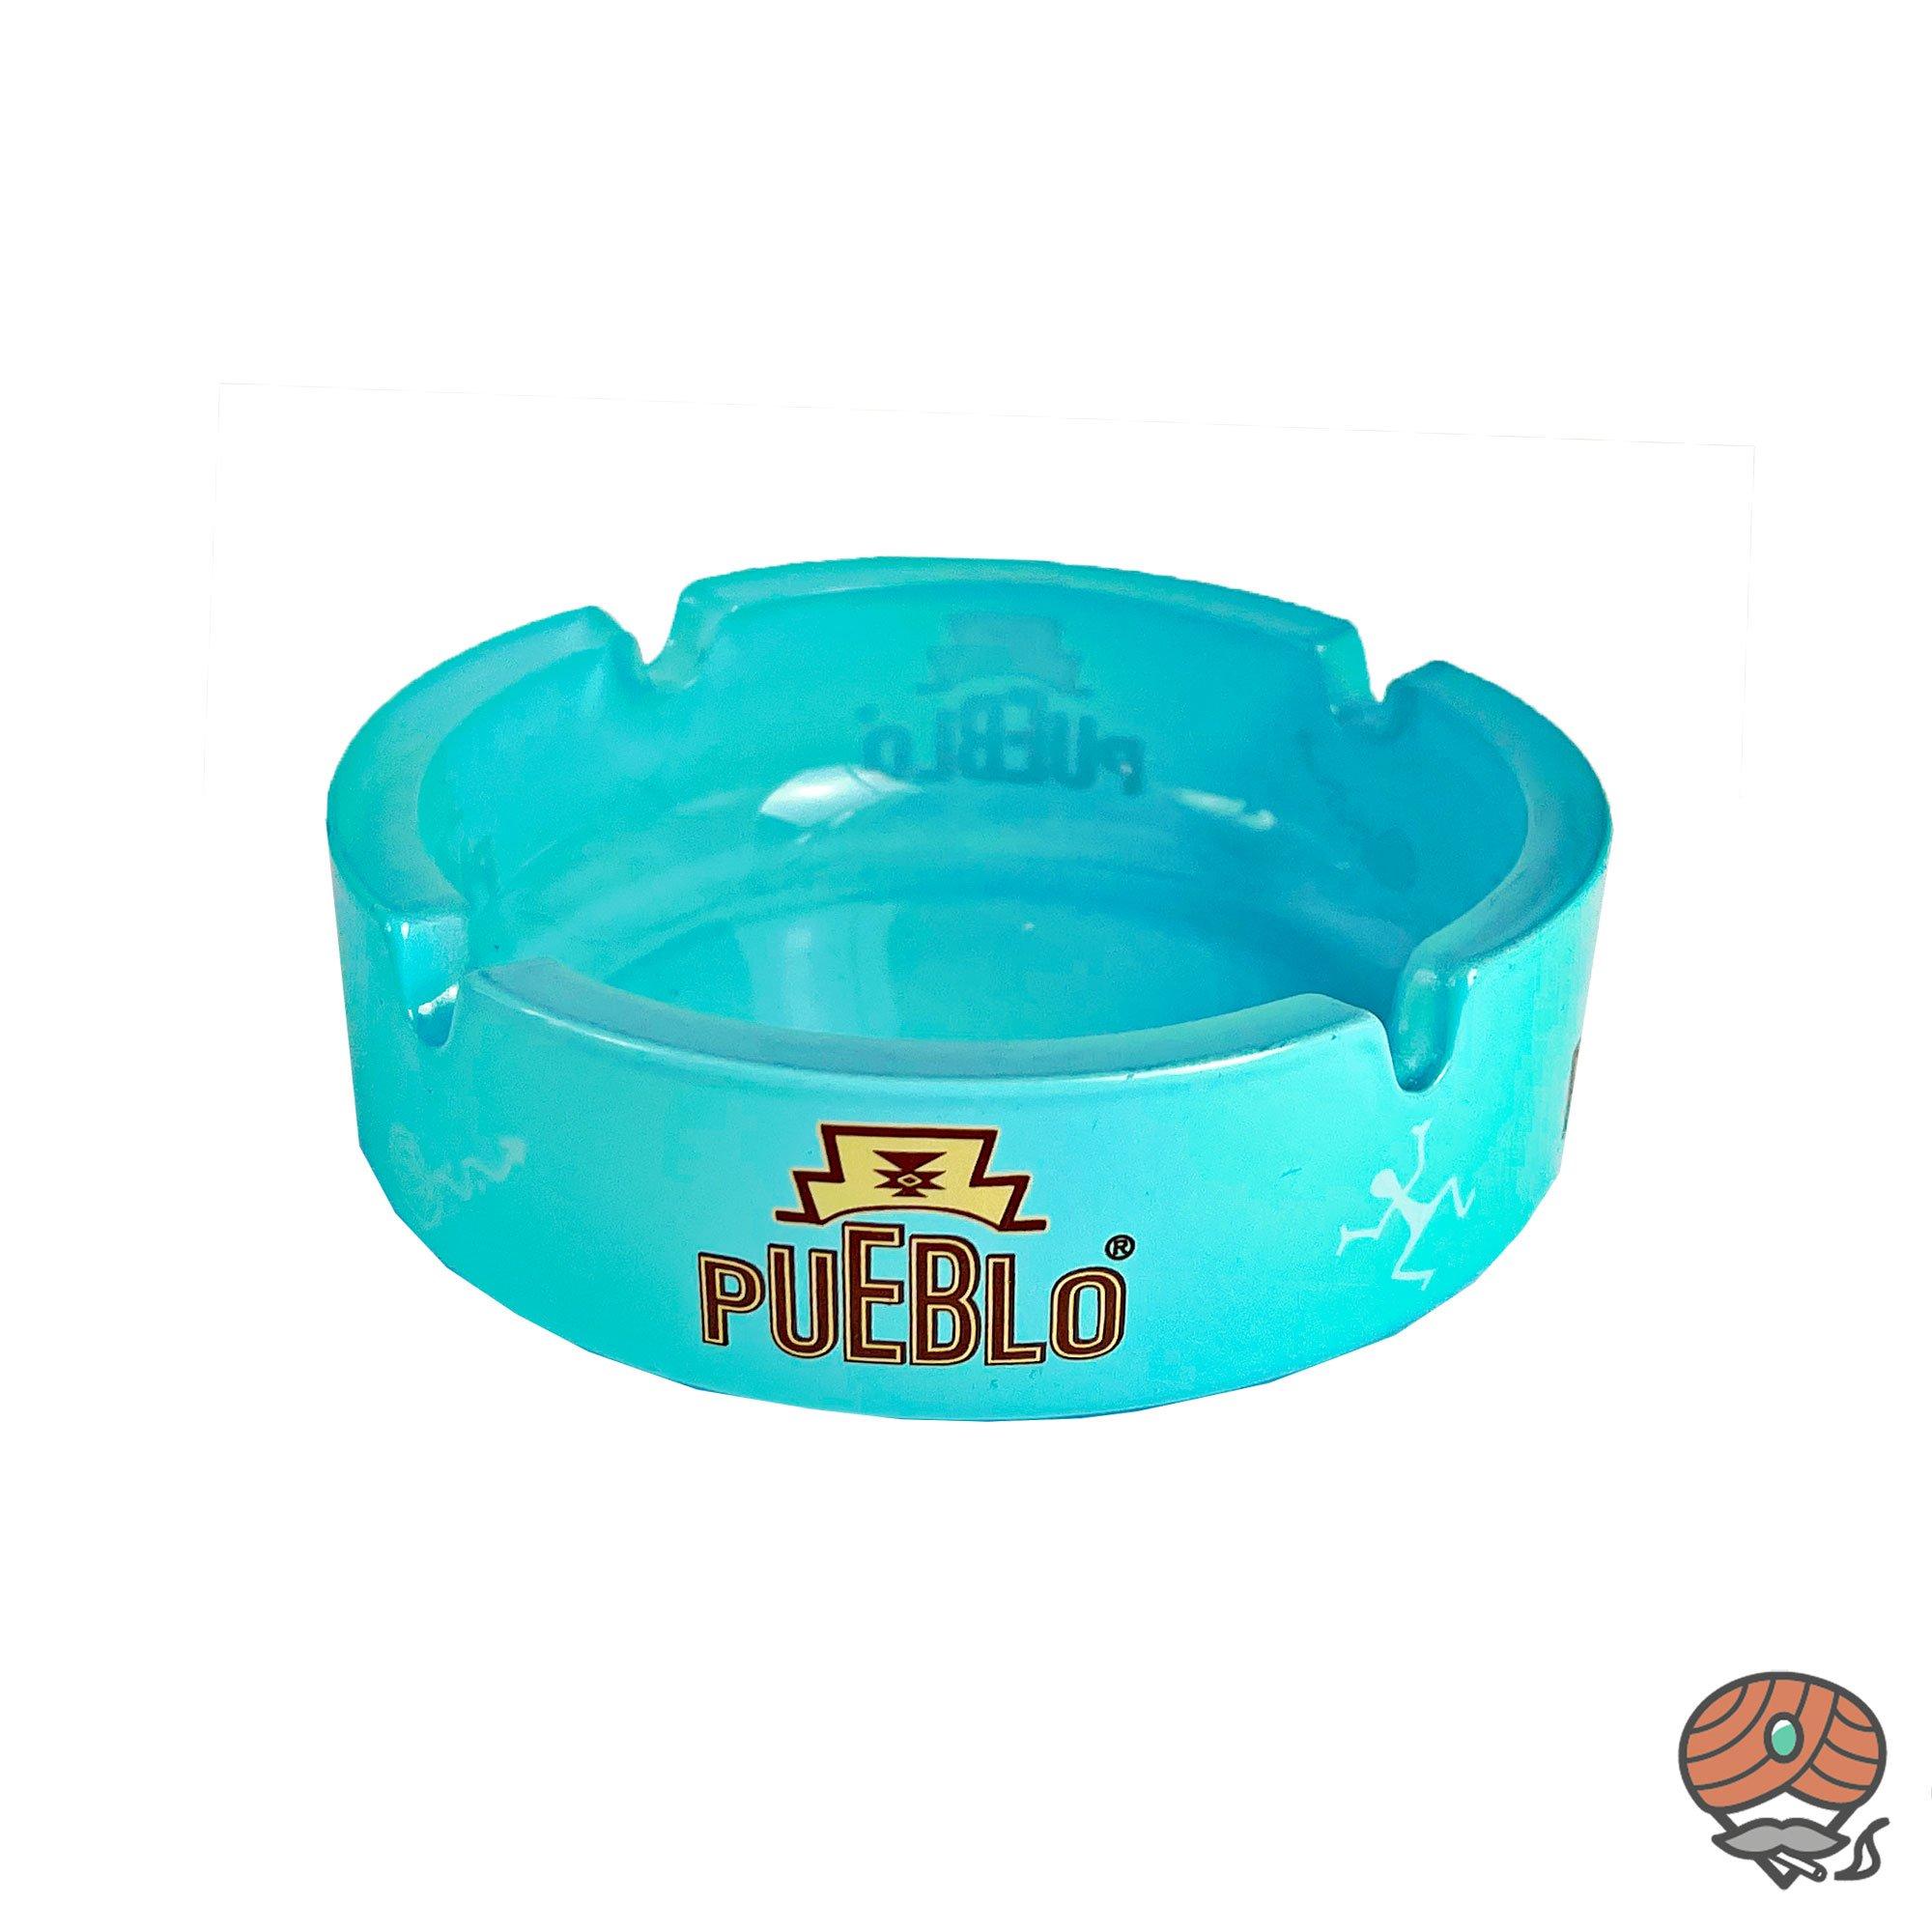 Pueblo Glas - Aschenbecher hellblau